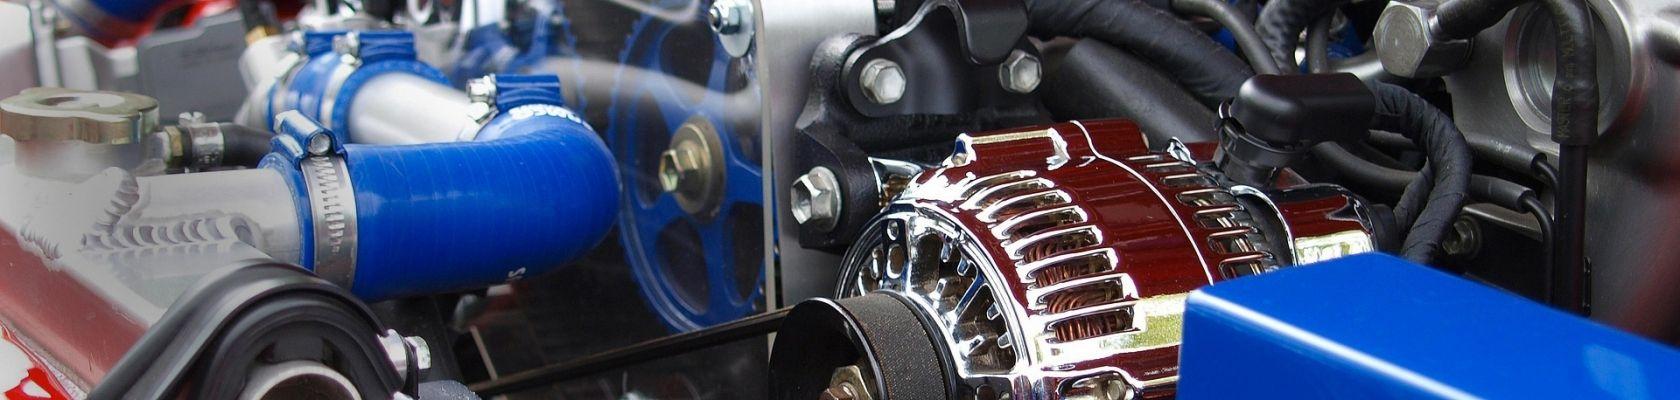 Mechanical seals for Automotive Seals